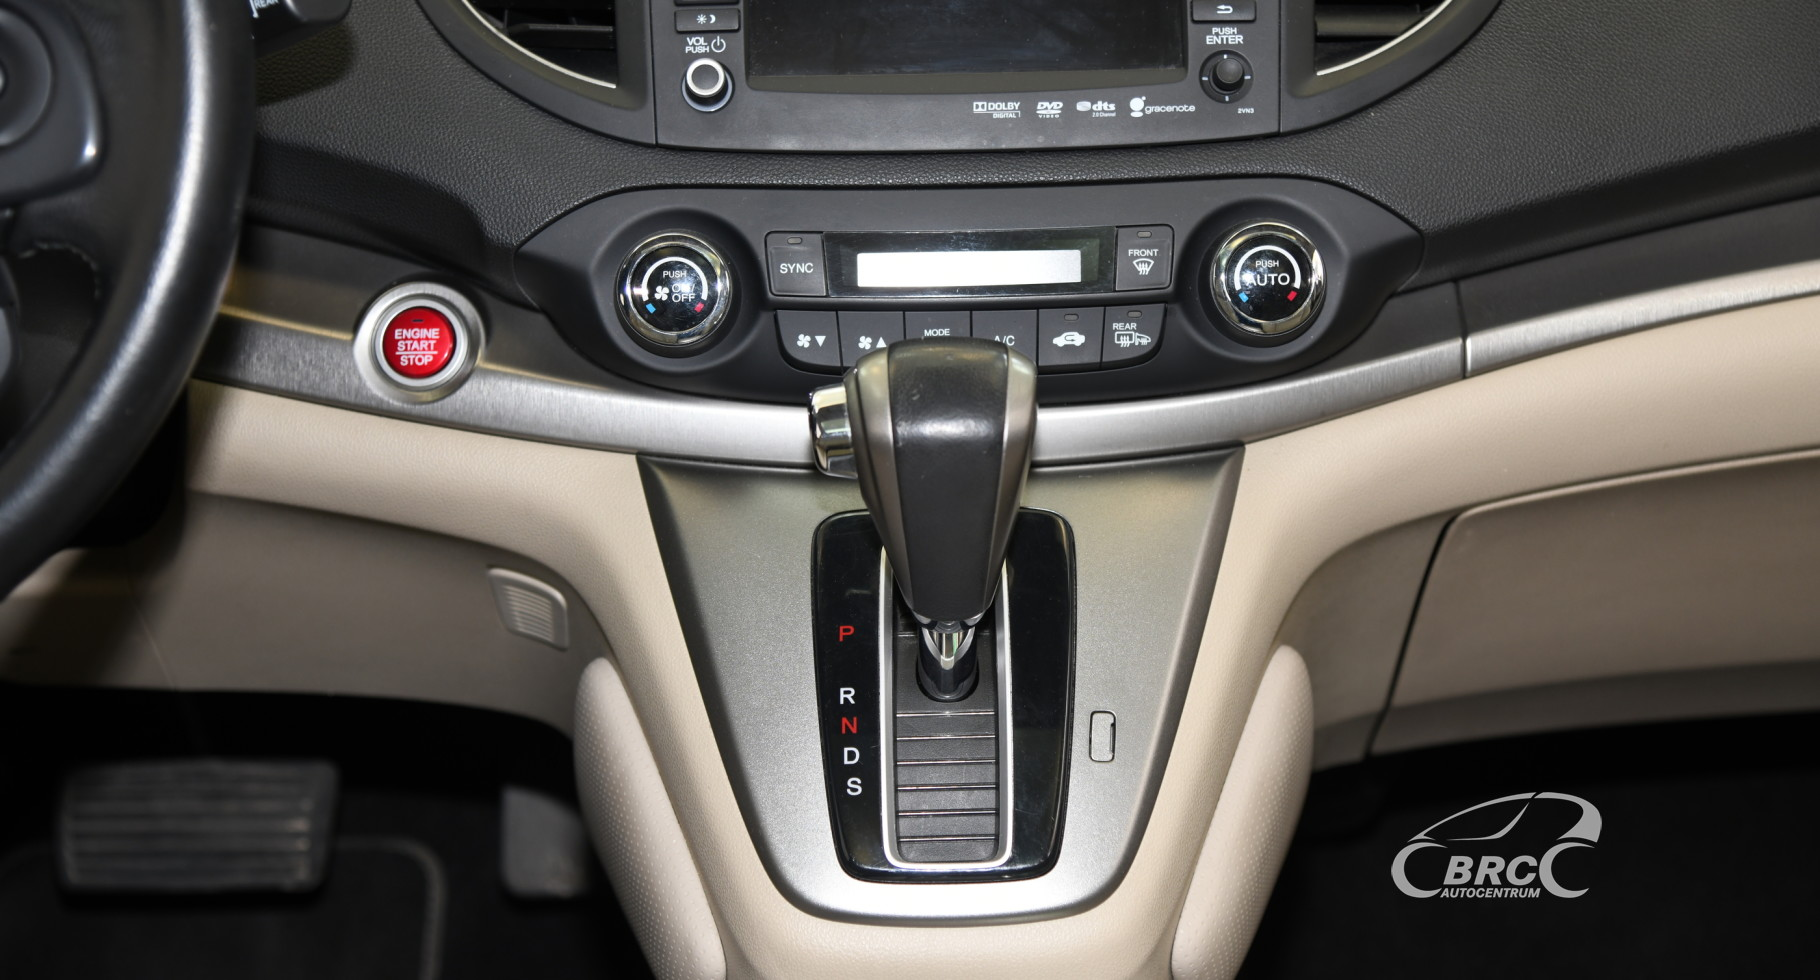 Honda CR-V 2.2 i-DTEC Exclusive 4WD Automatas